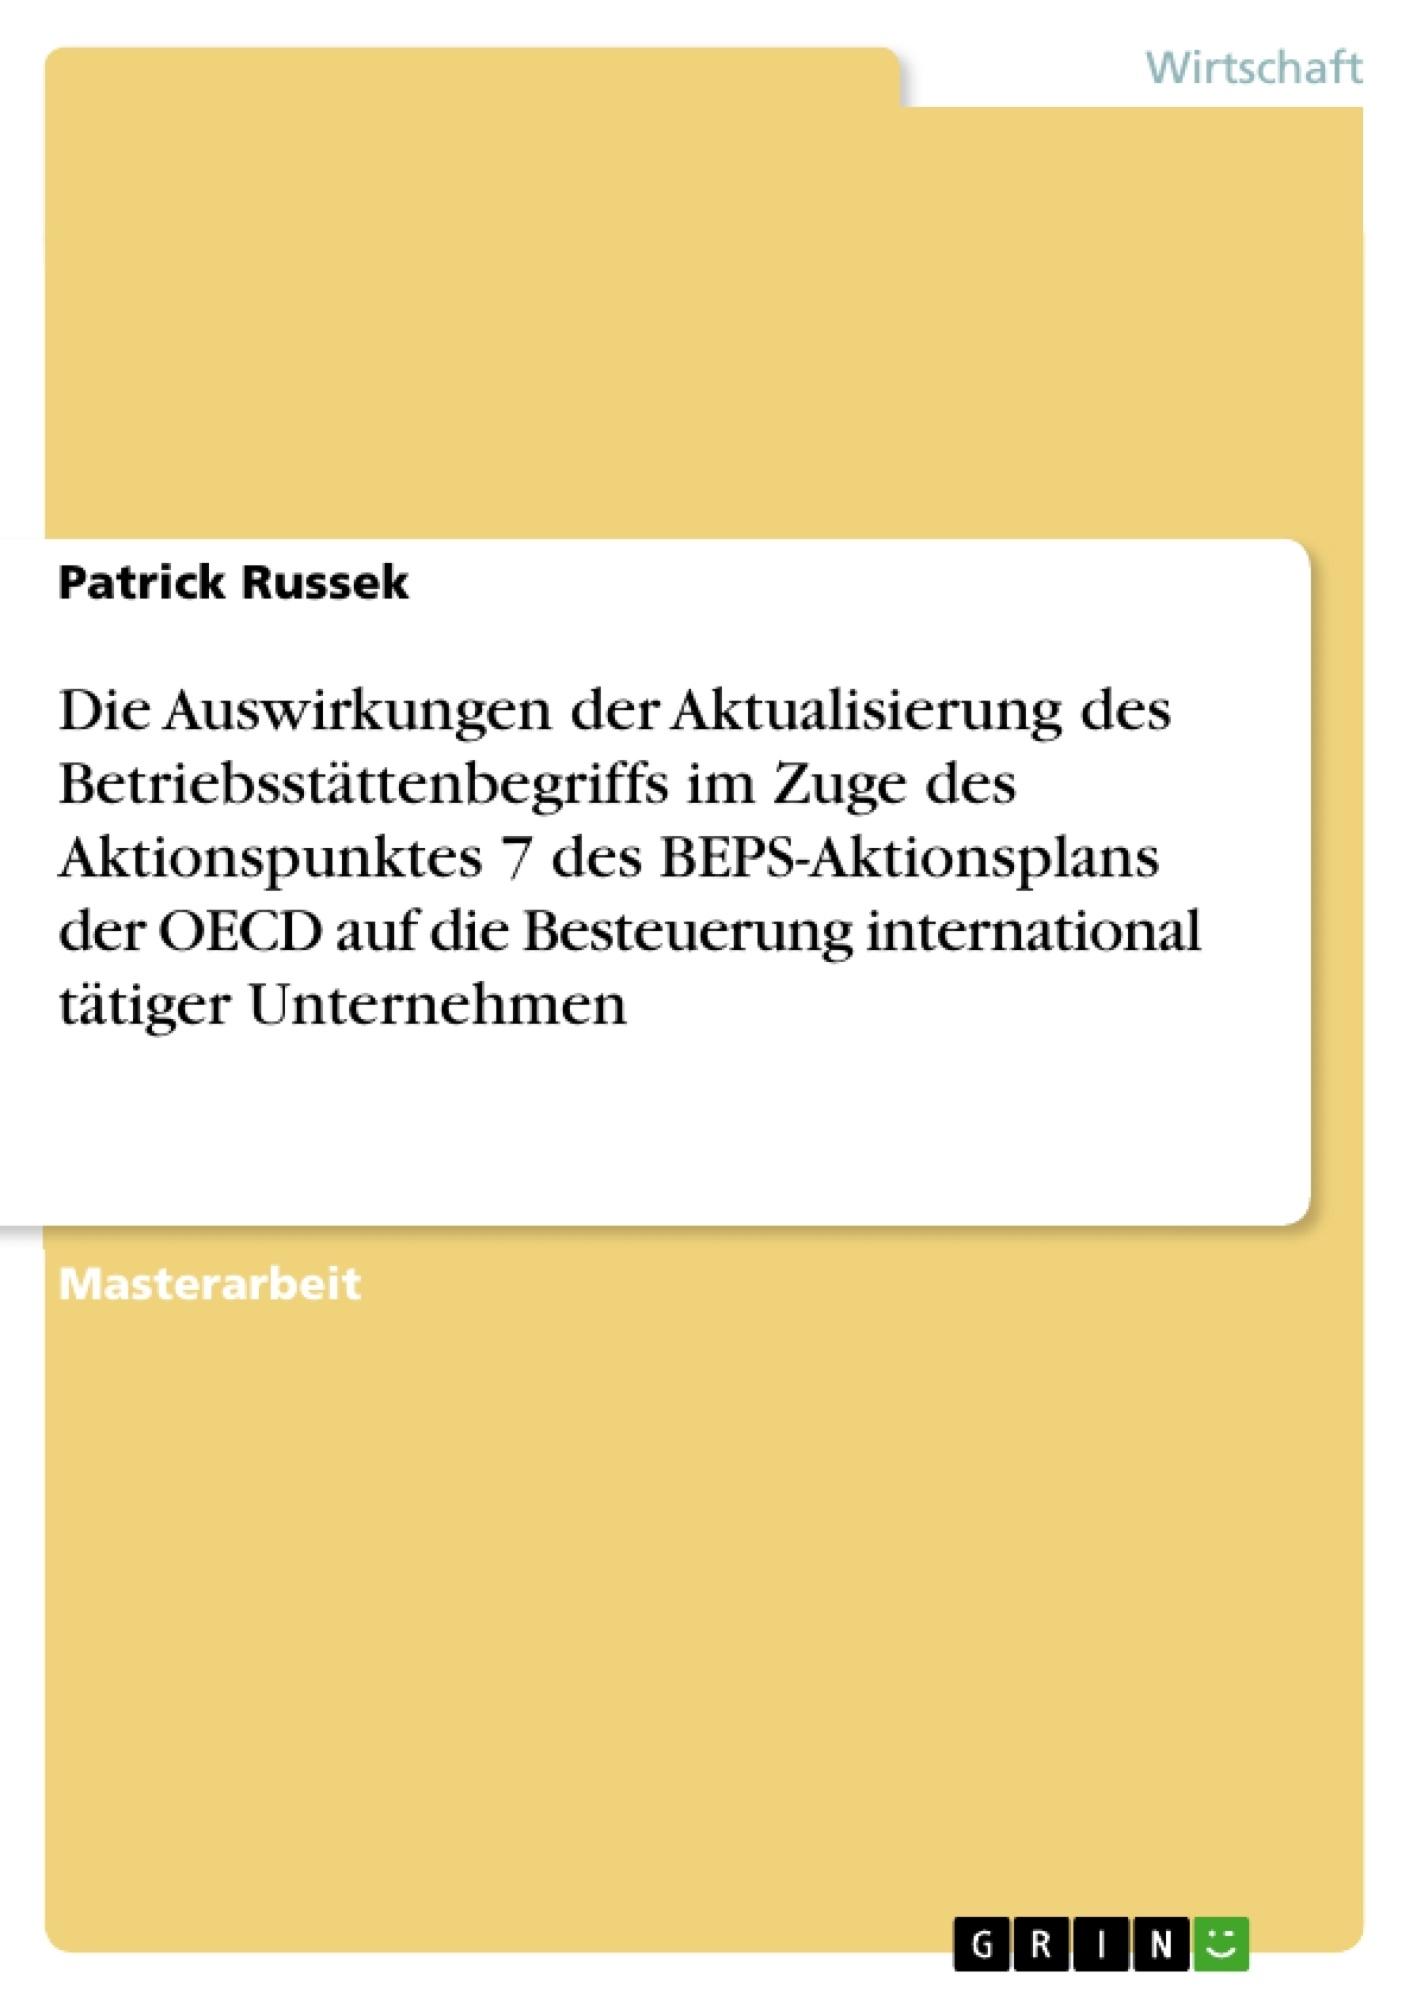 Titel: Die Auswirkungen der Aktualisierung des Betriebsstättenbegriffs im Zuge des Aktionspunktes 7 des BEPS-Aktionsplans der OECD auf die Besteuerung international tätiger Unternehmen